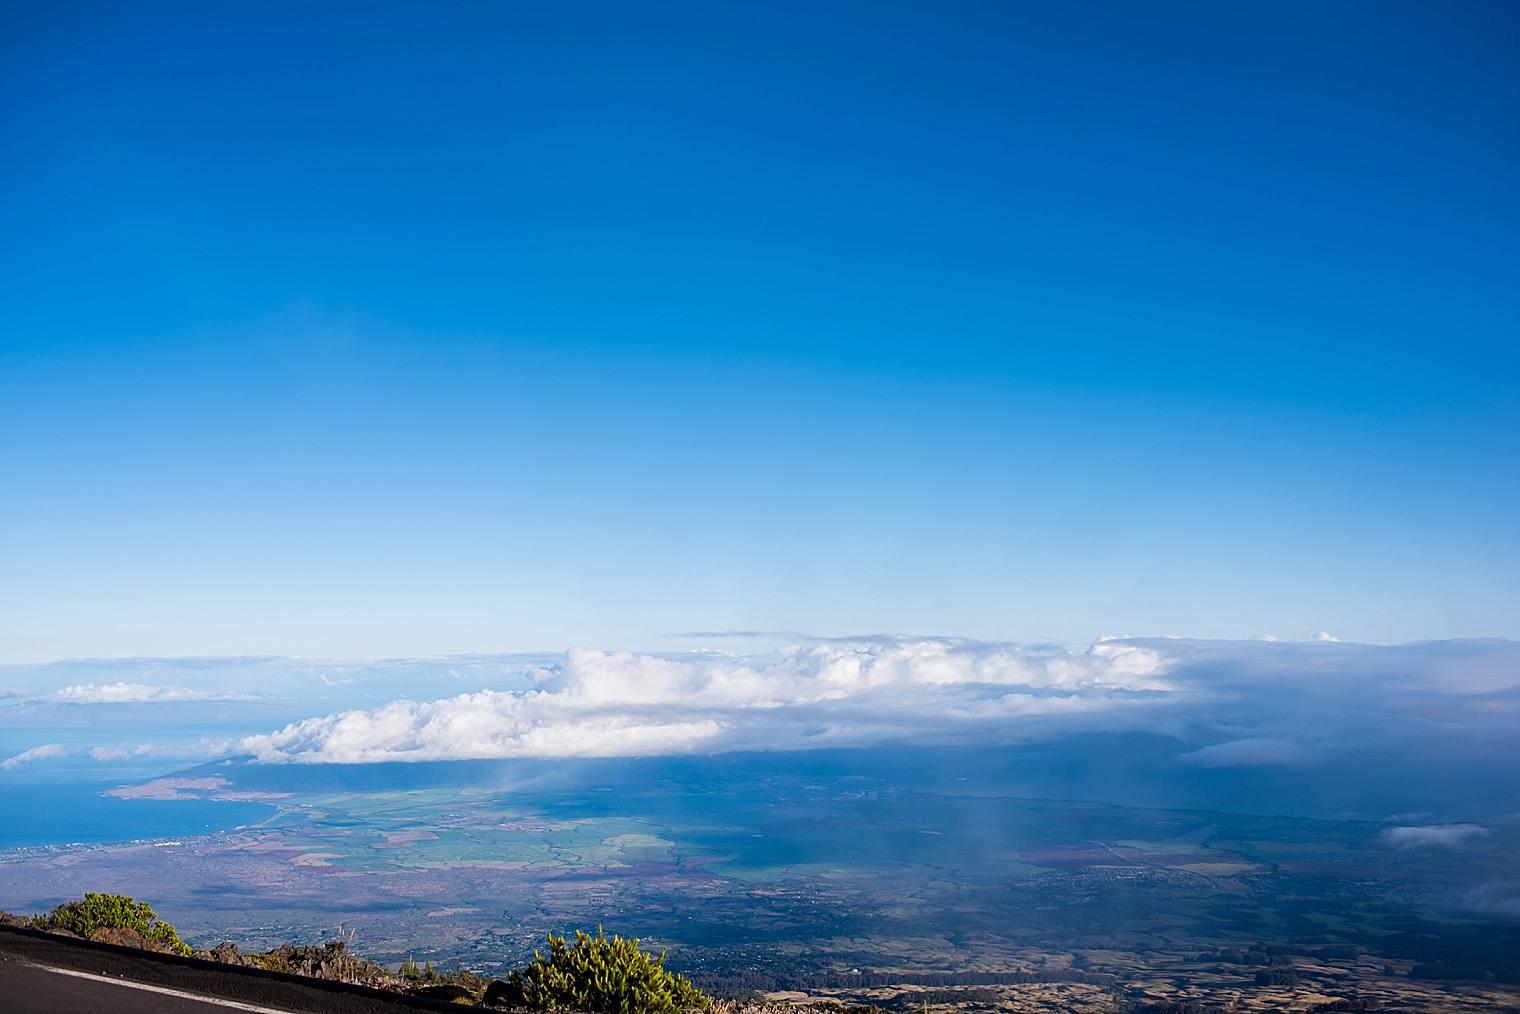 view of Maui from haleakala